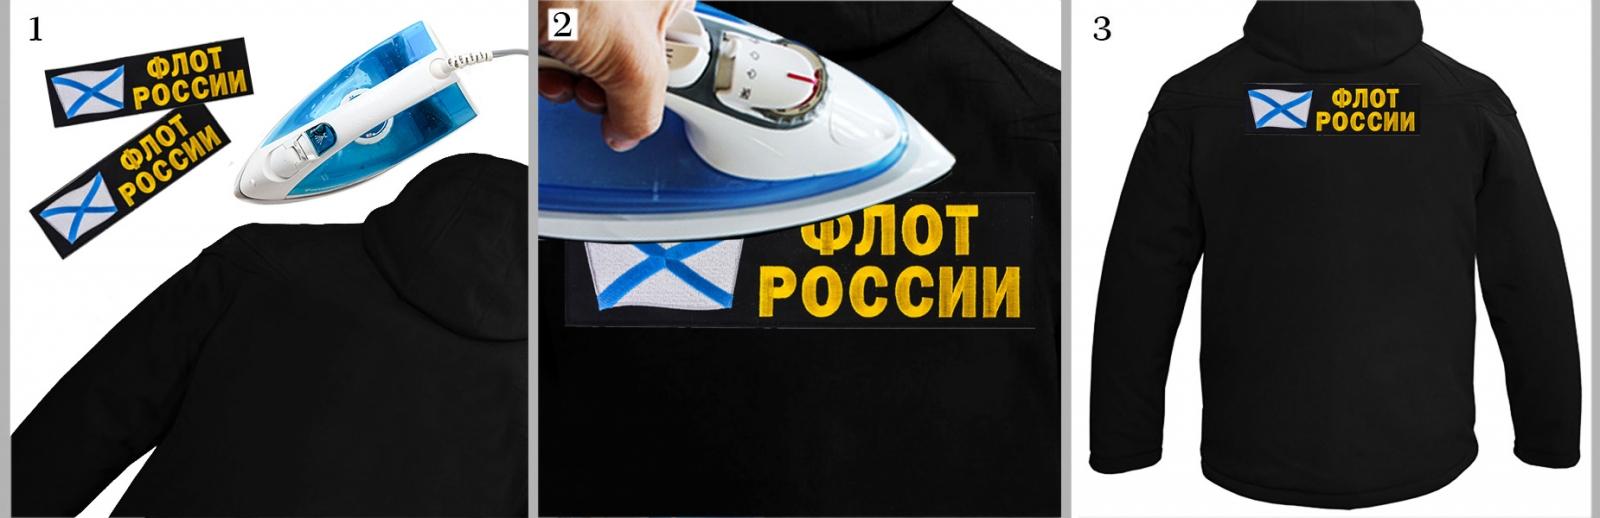 """Термоклеевая нашивка """"Флот России"""" на куртке"""